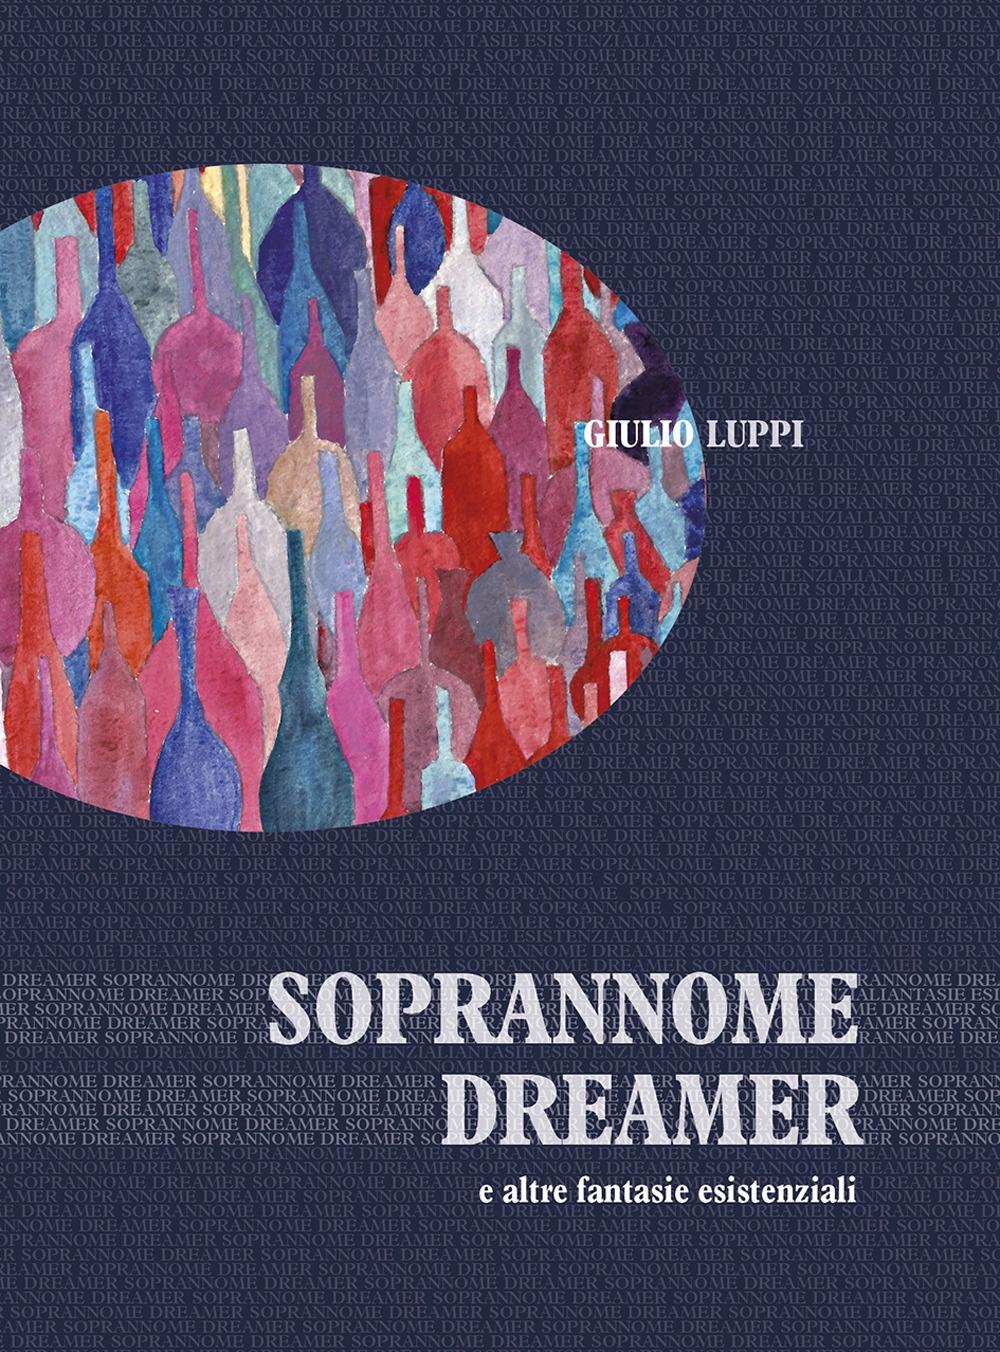 Soprannome dreamer e altre fantasie esistenziali